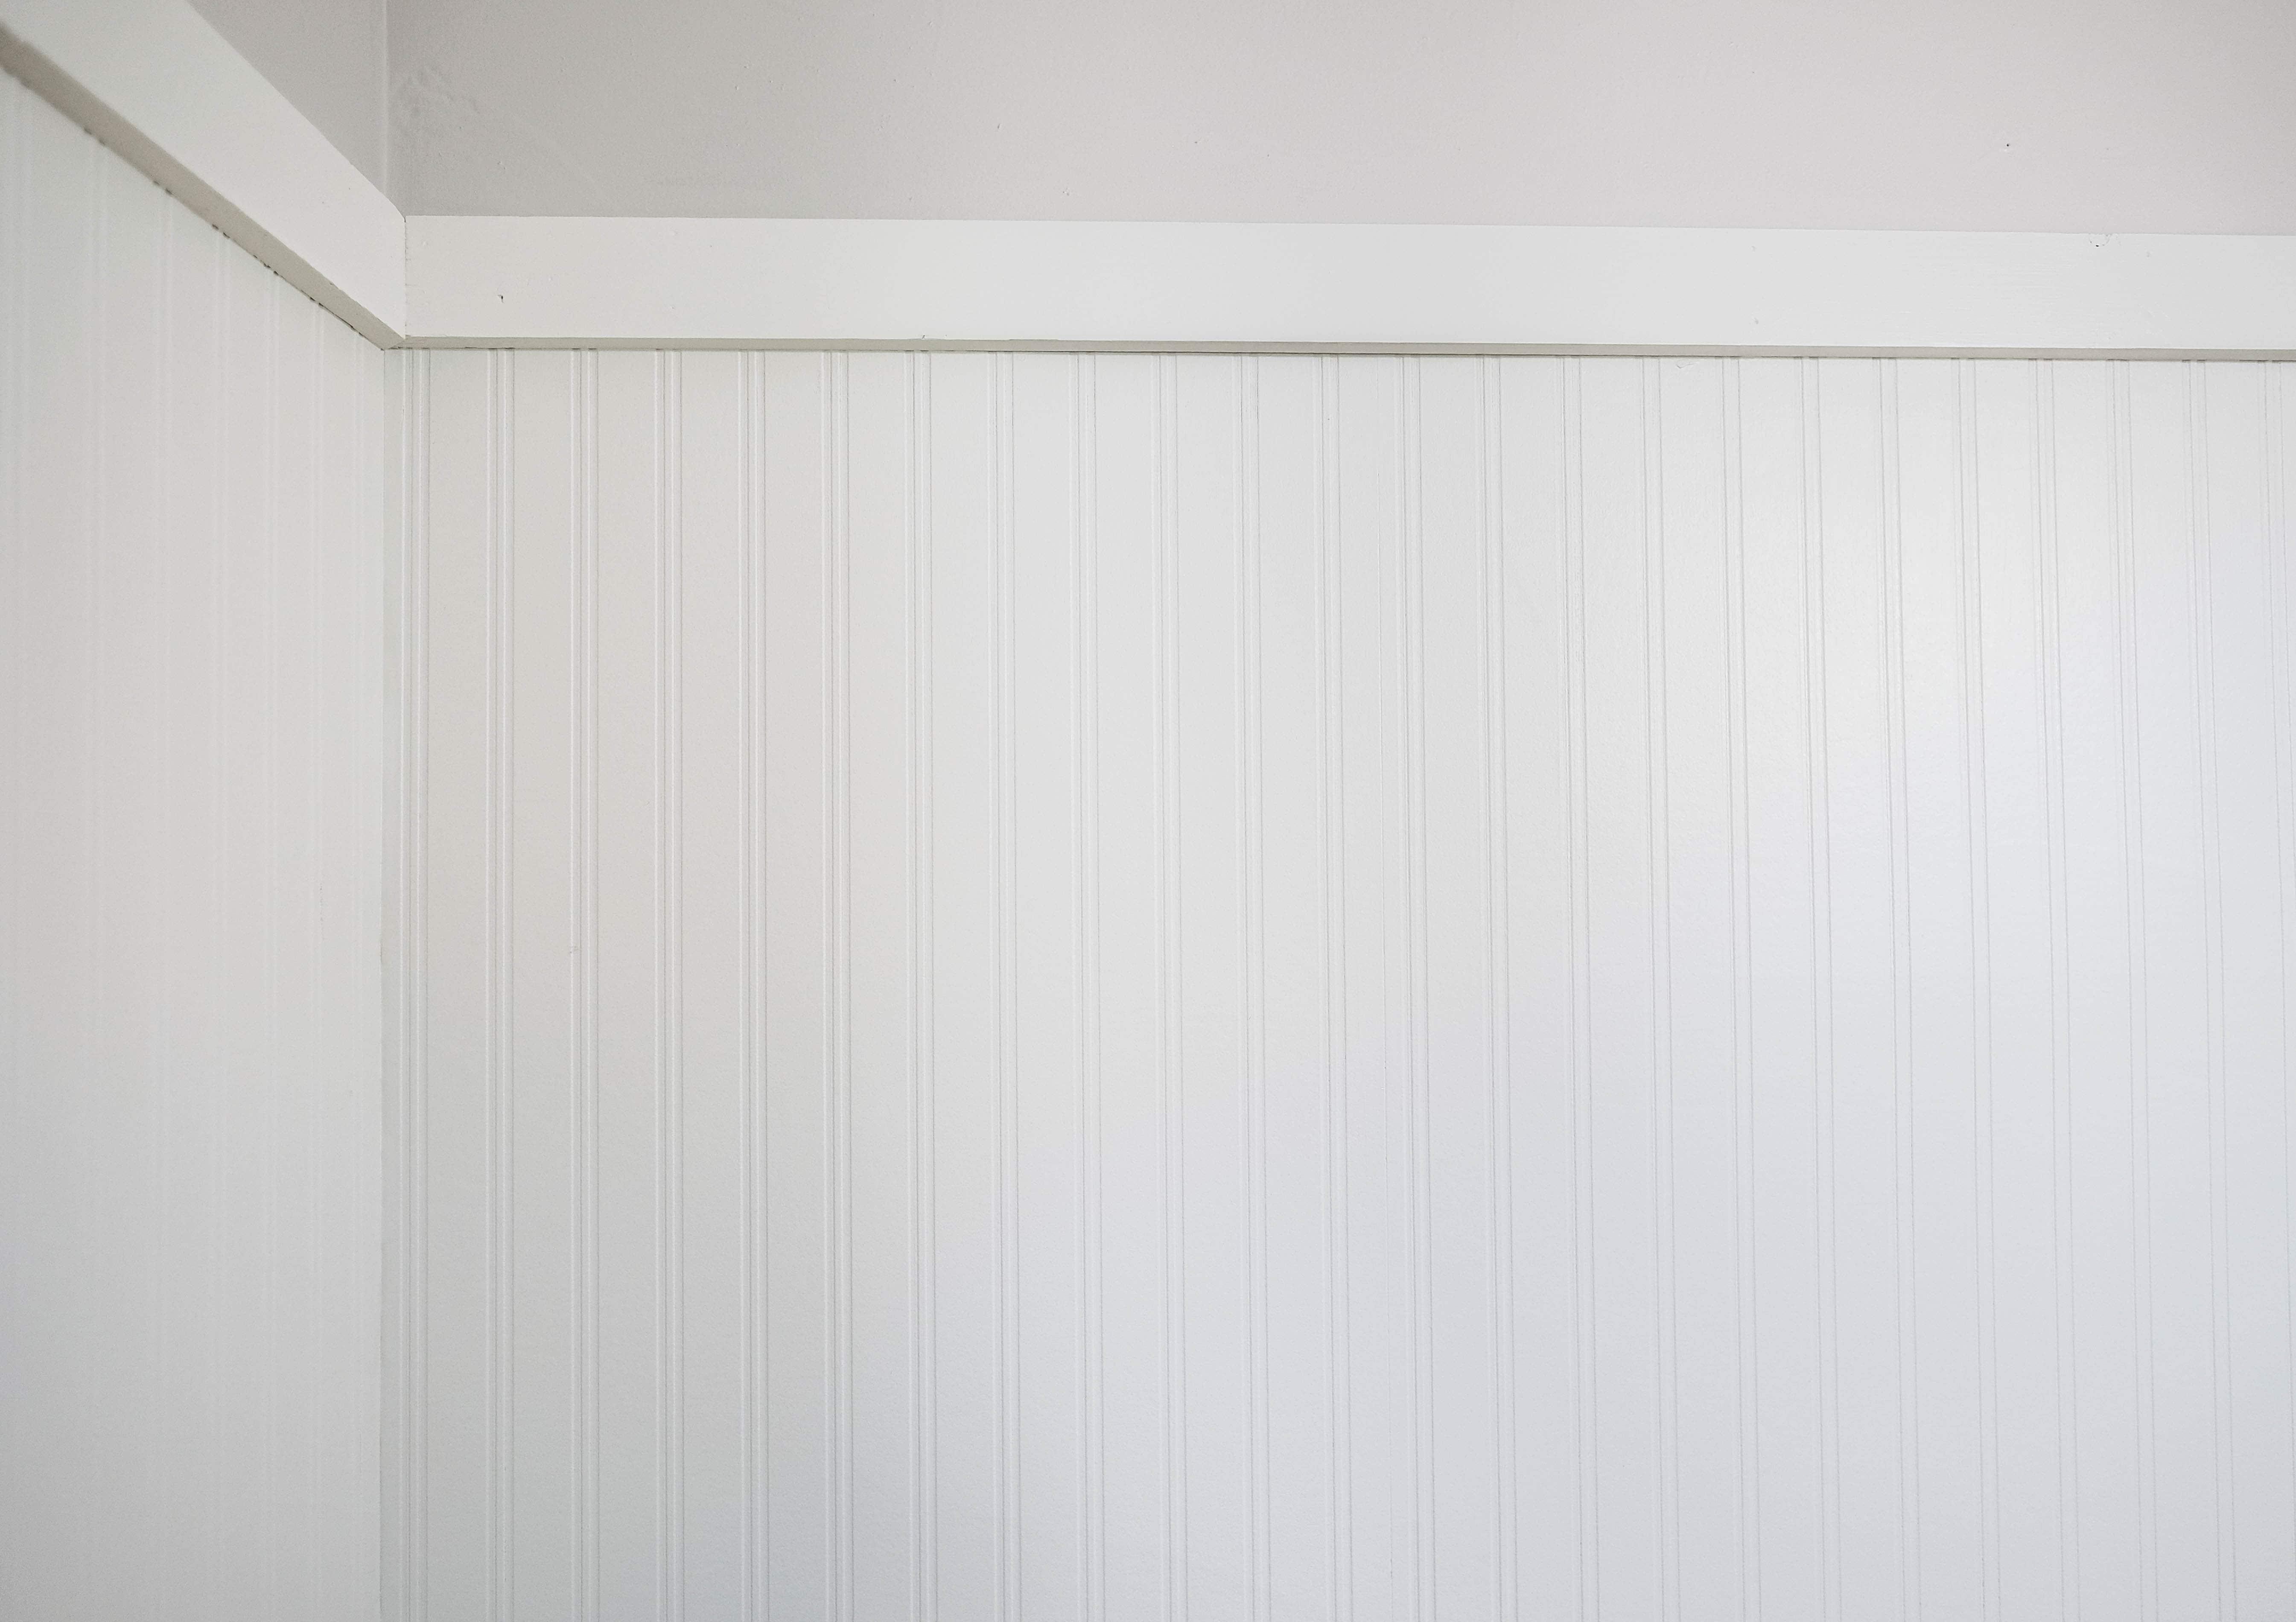 White beadboard wallpaper against light grey wall